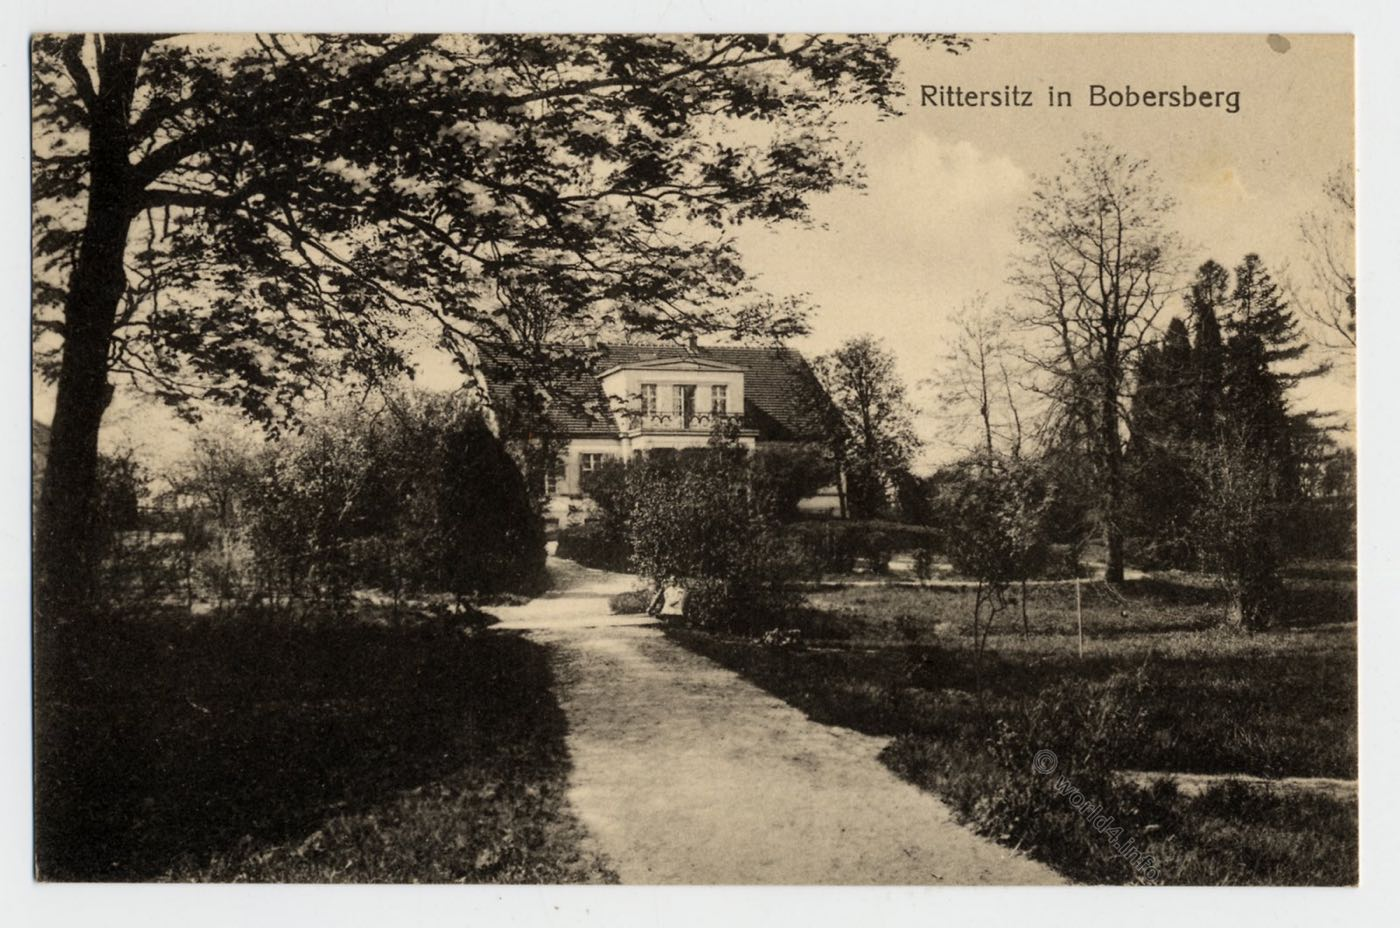 AK, Bobrowice, Polen, Rittersitz, Bobersberg, Postkarte, Lebus